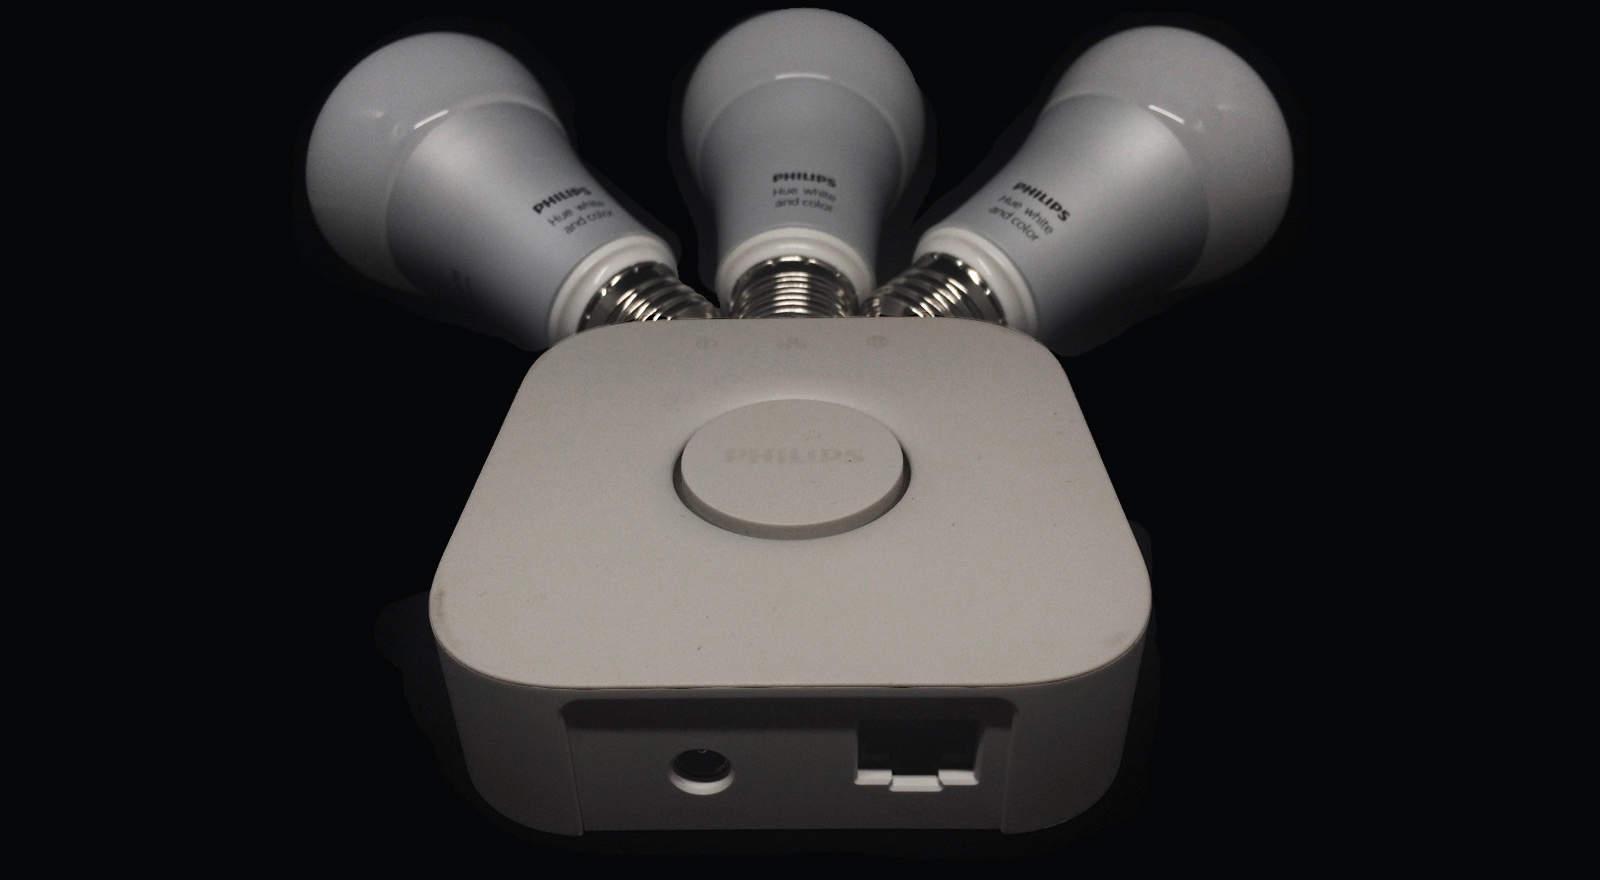 Philips-Hue-smartbulbs